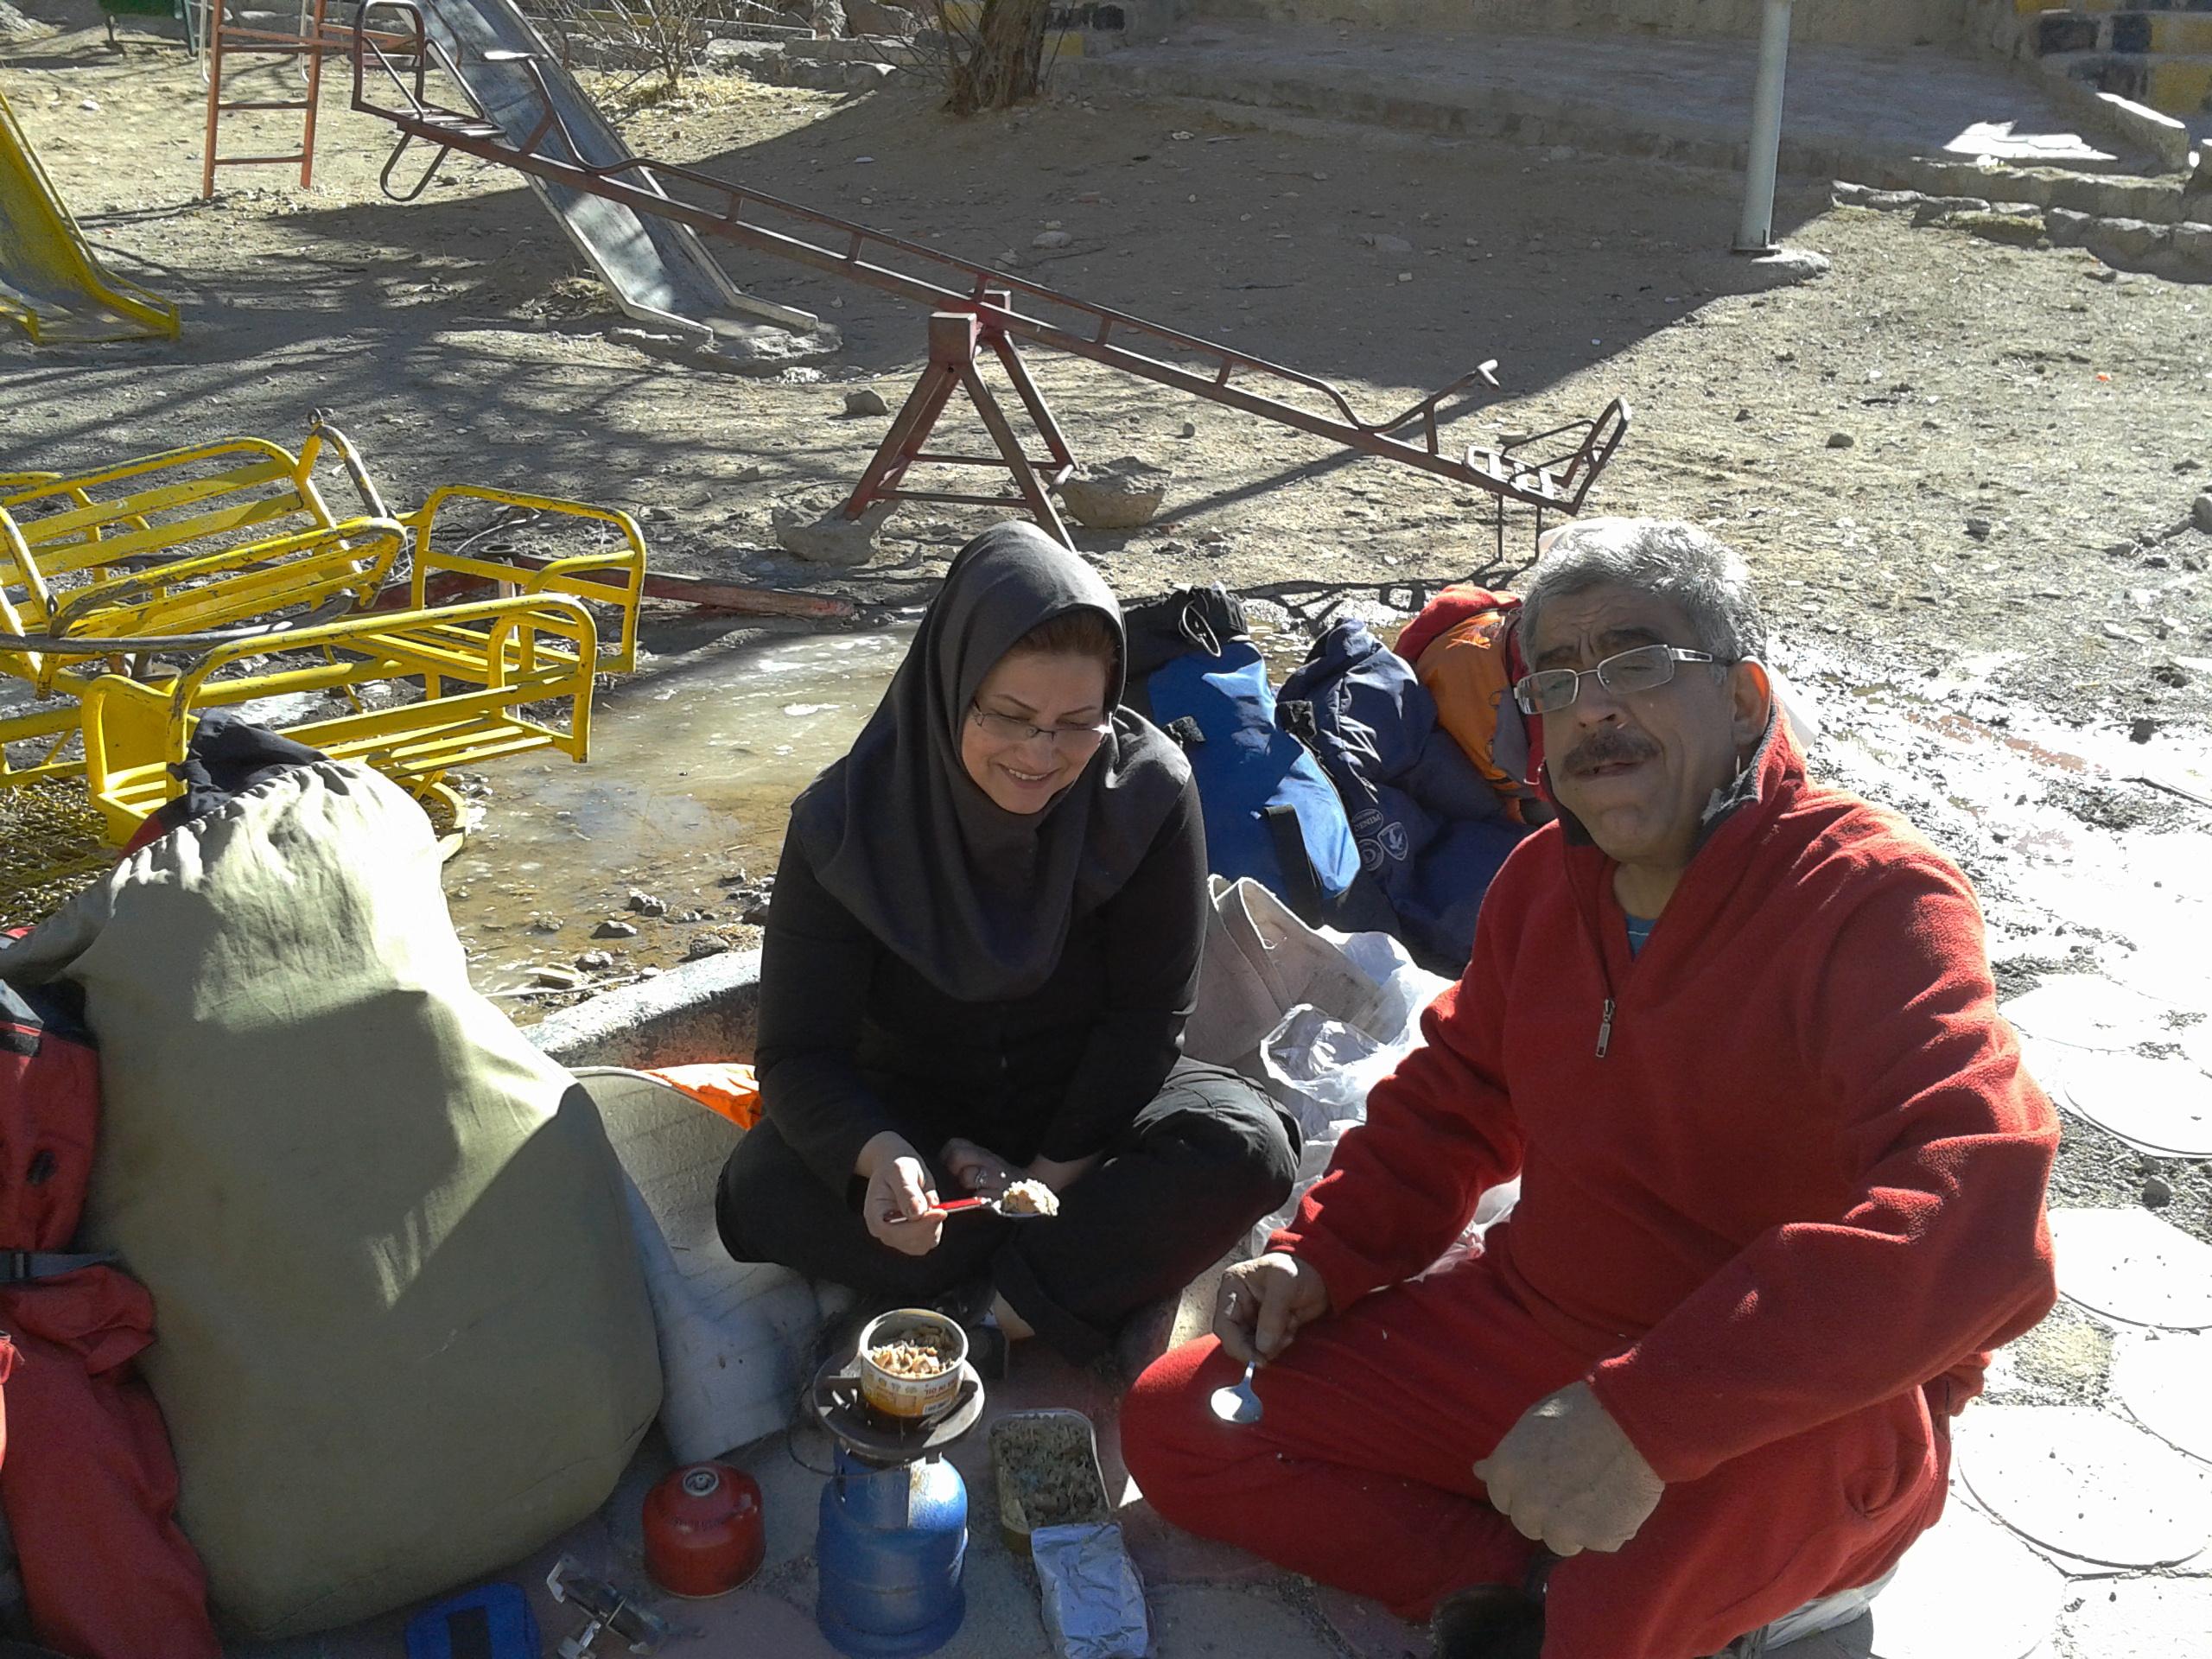 صرف ناهار در اردوگاه